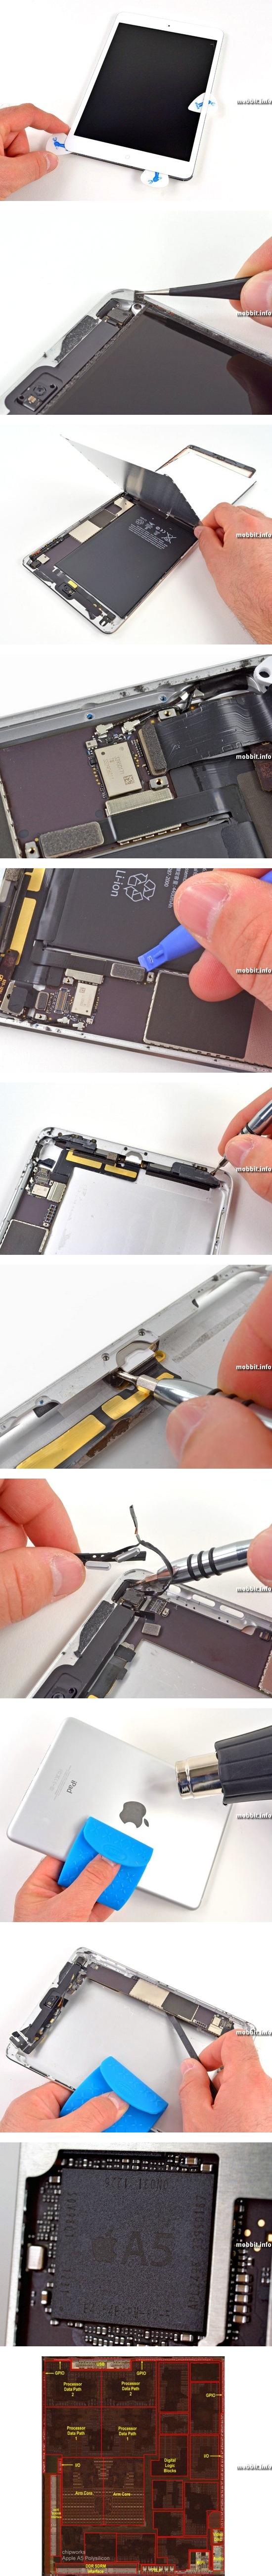 iPad mini разобран по частям